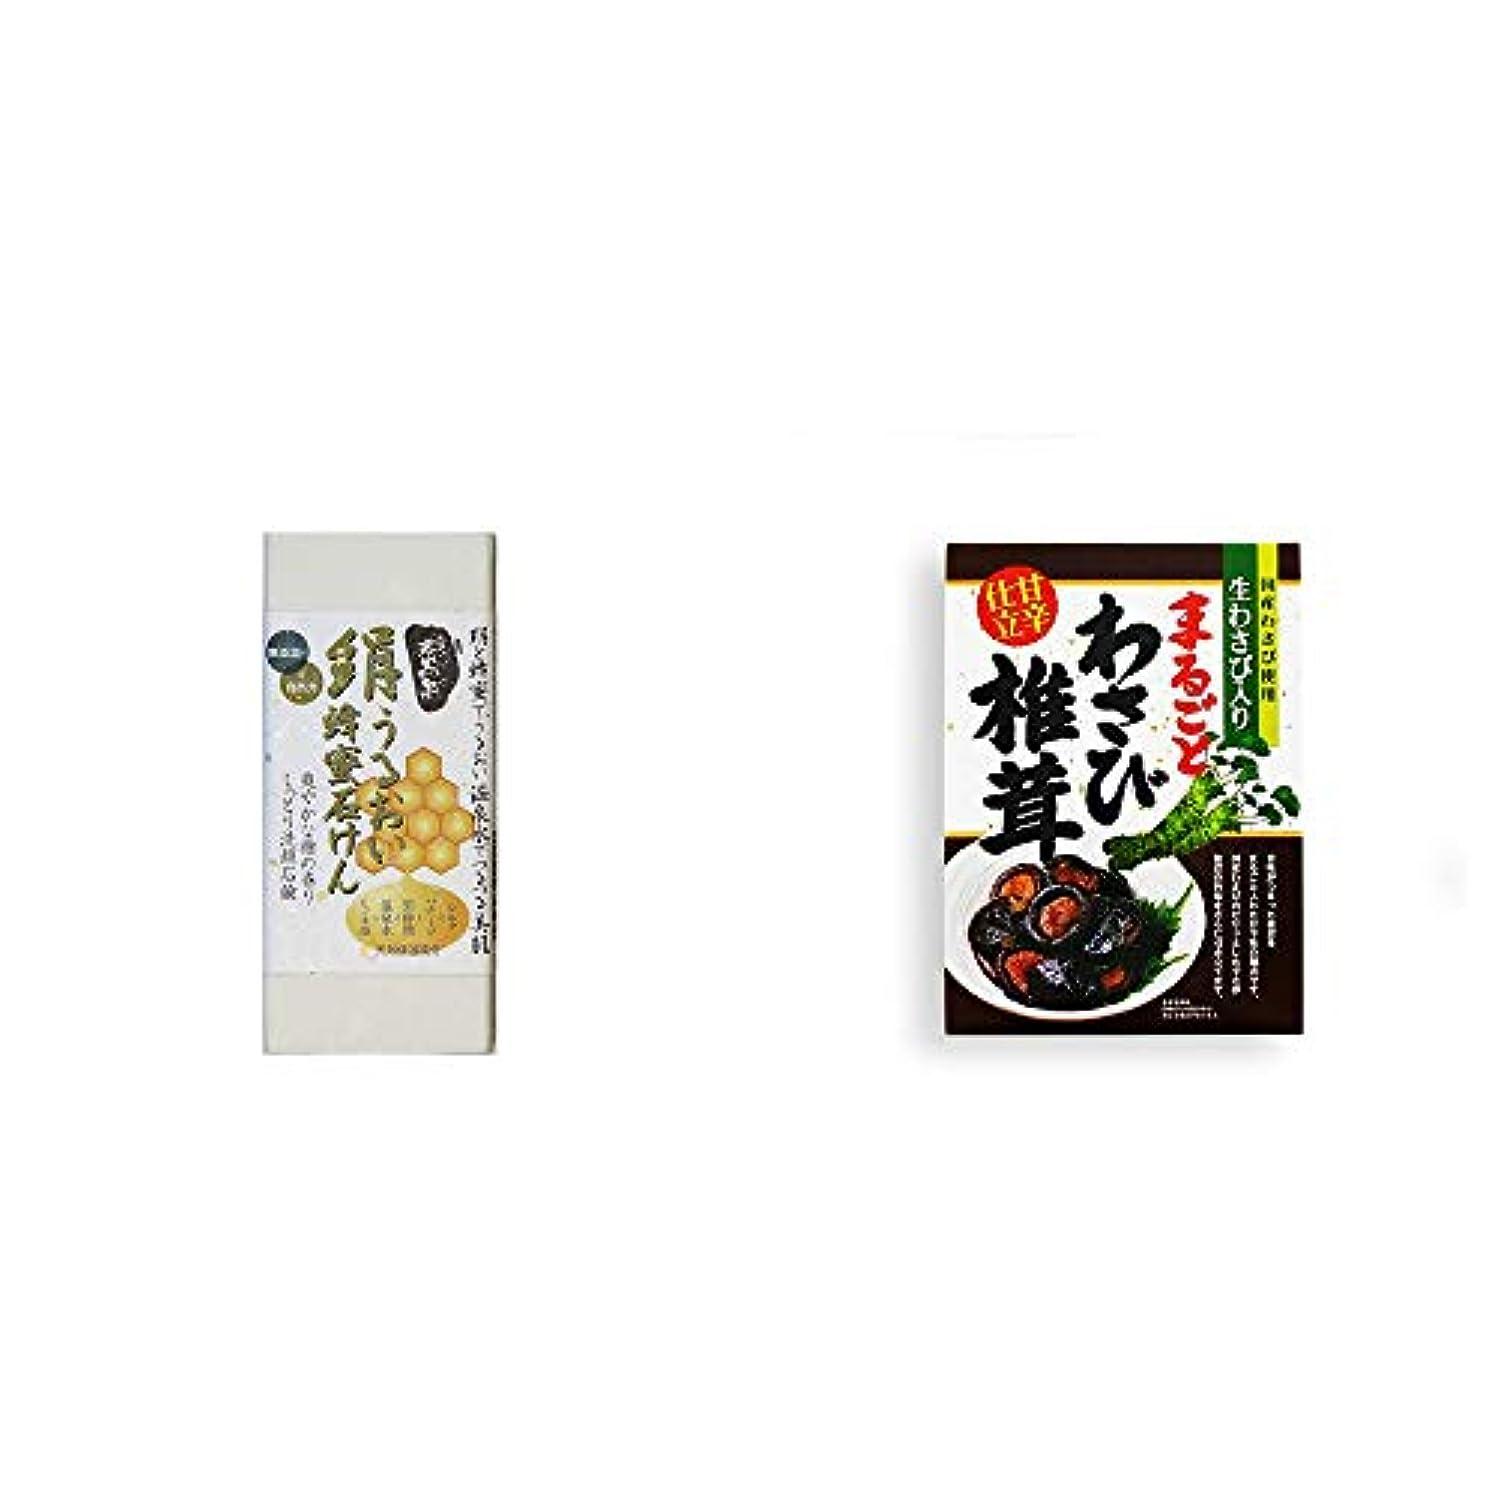 代替理解マーキー[2点セット] ひのき炭黒泉 絹うるおい蜂蜜石けん(75g×2)?まるごとわさび椎茸(200g)